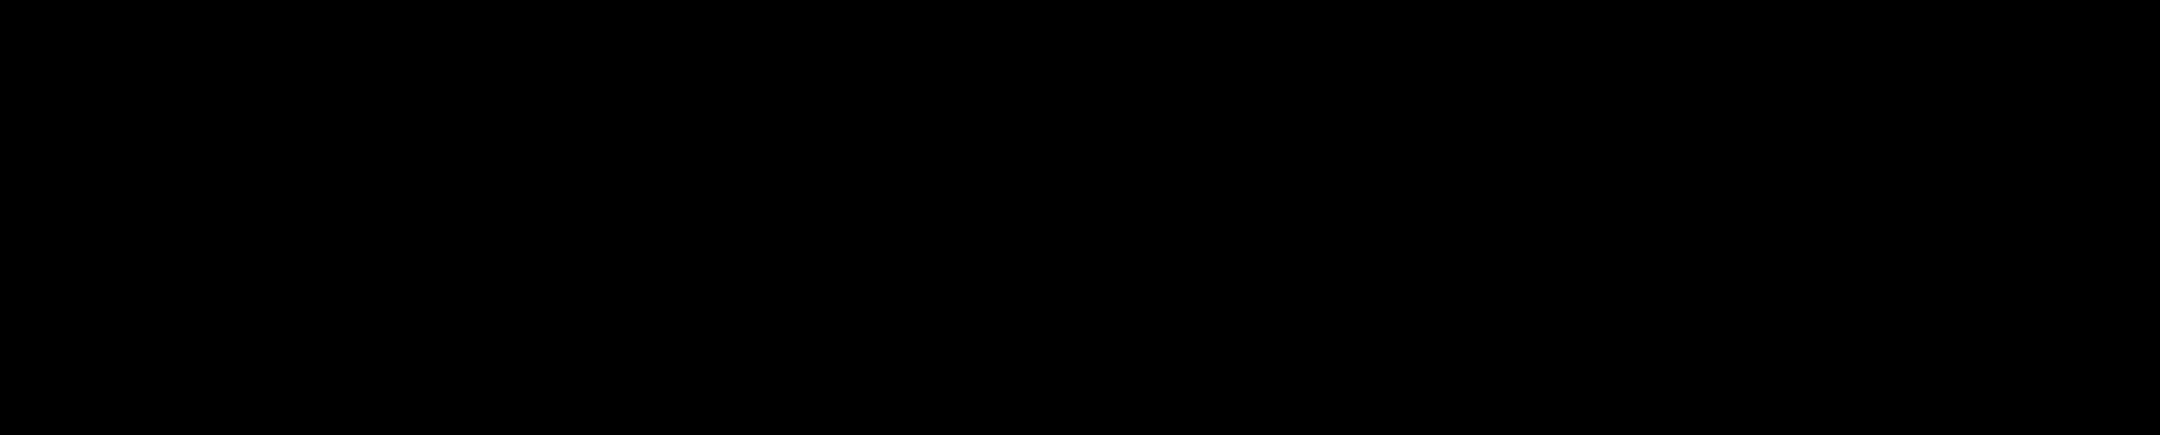 bloomberg logo 1 - Bloomberg Logo